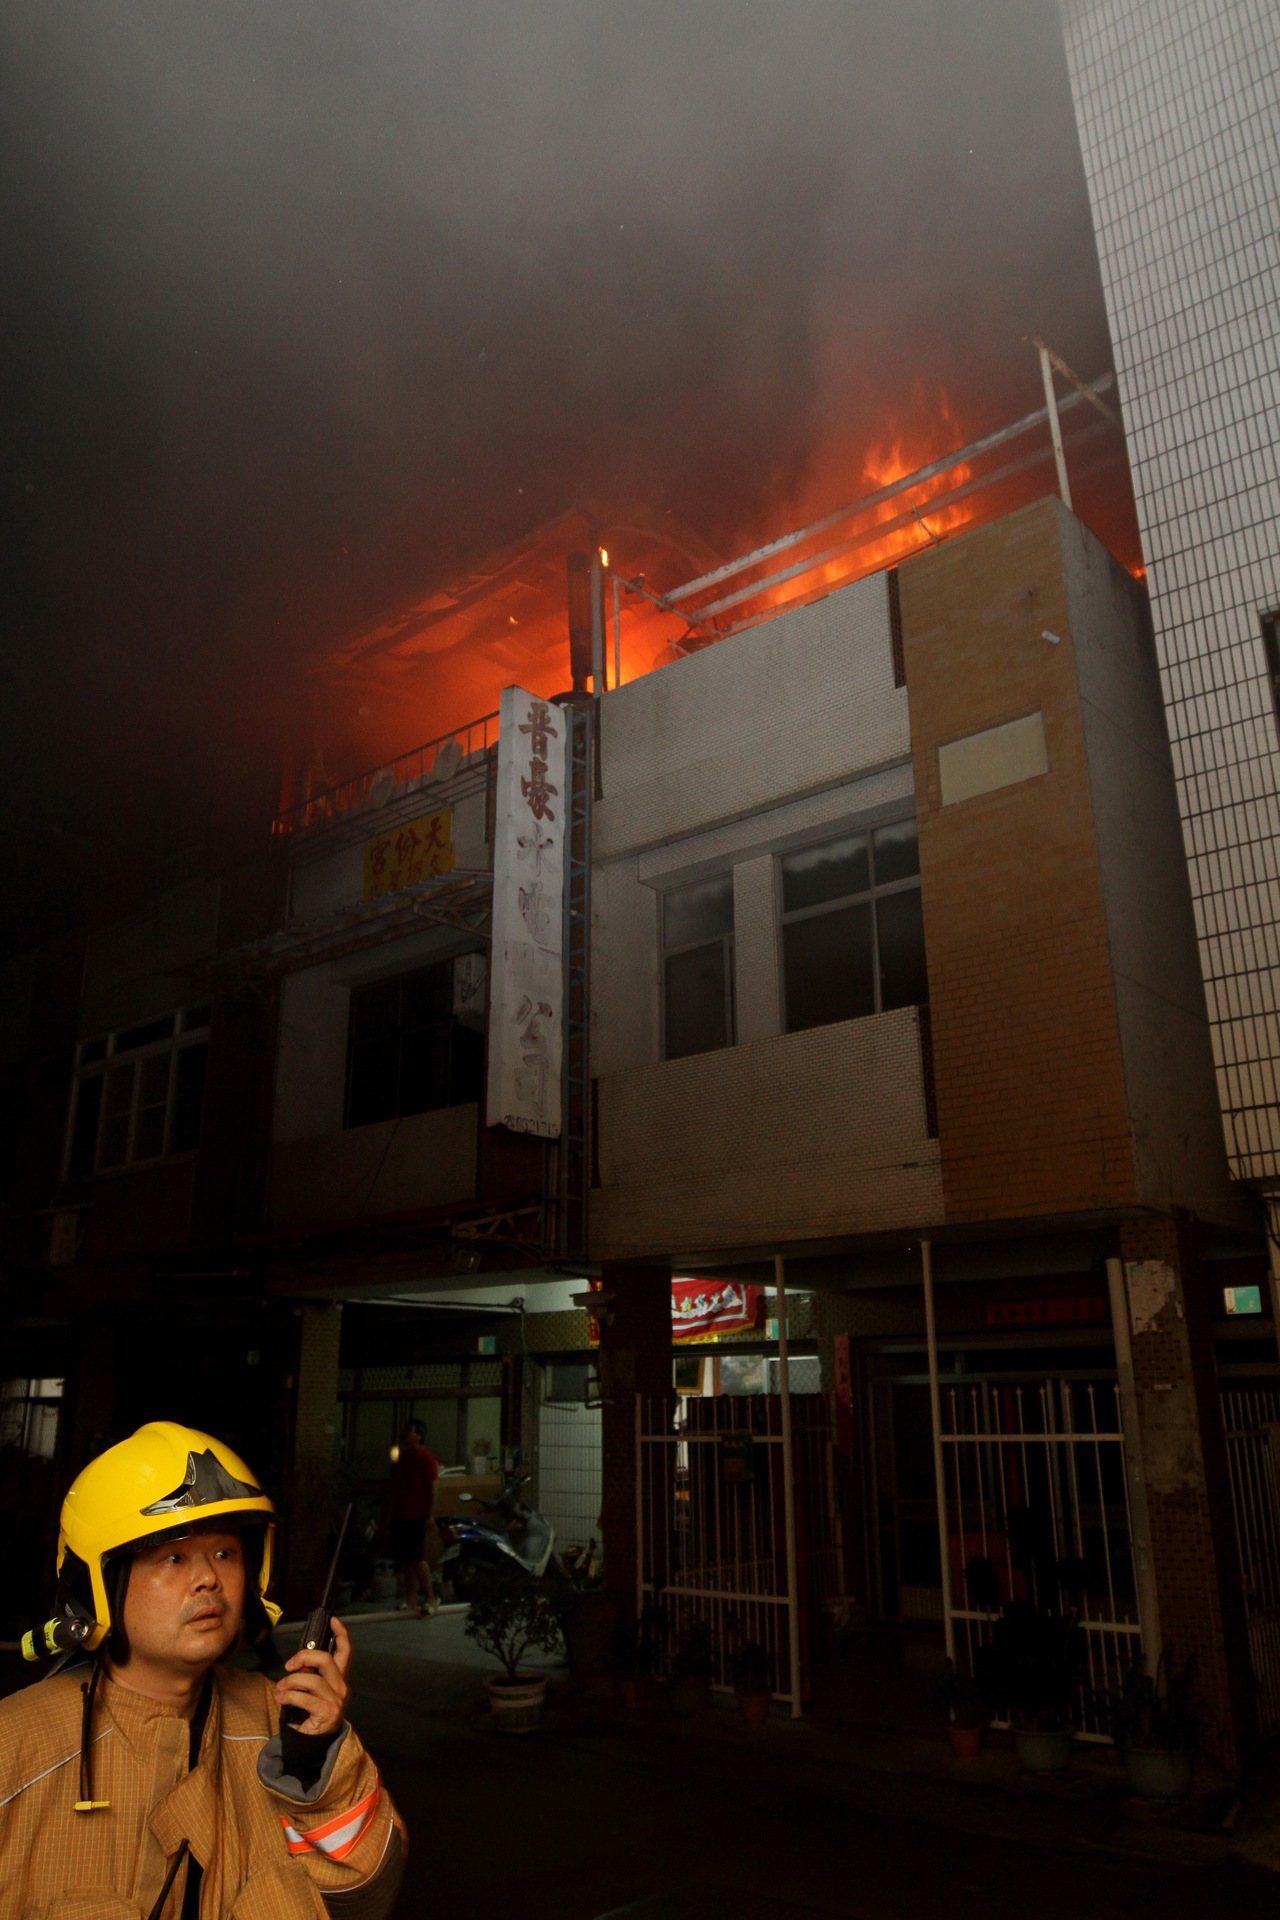 台南新營晚間傳出民宅火警,幸消防及時阻火舌蔓延。記者謝進盛/翻攝